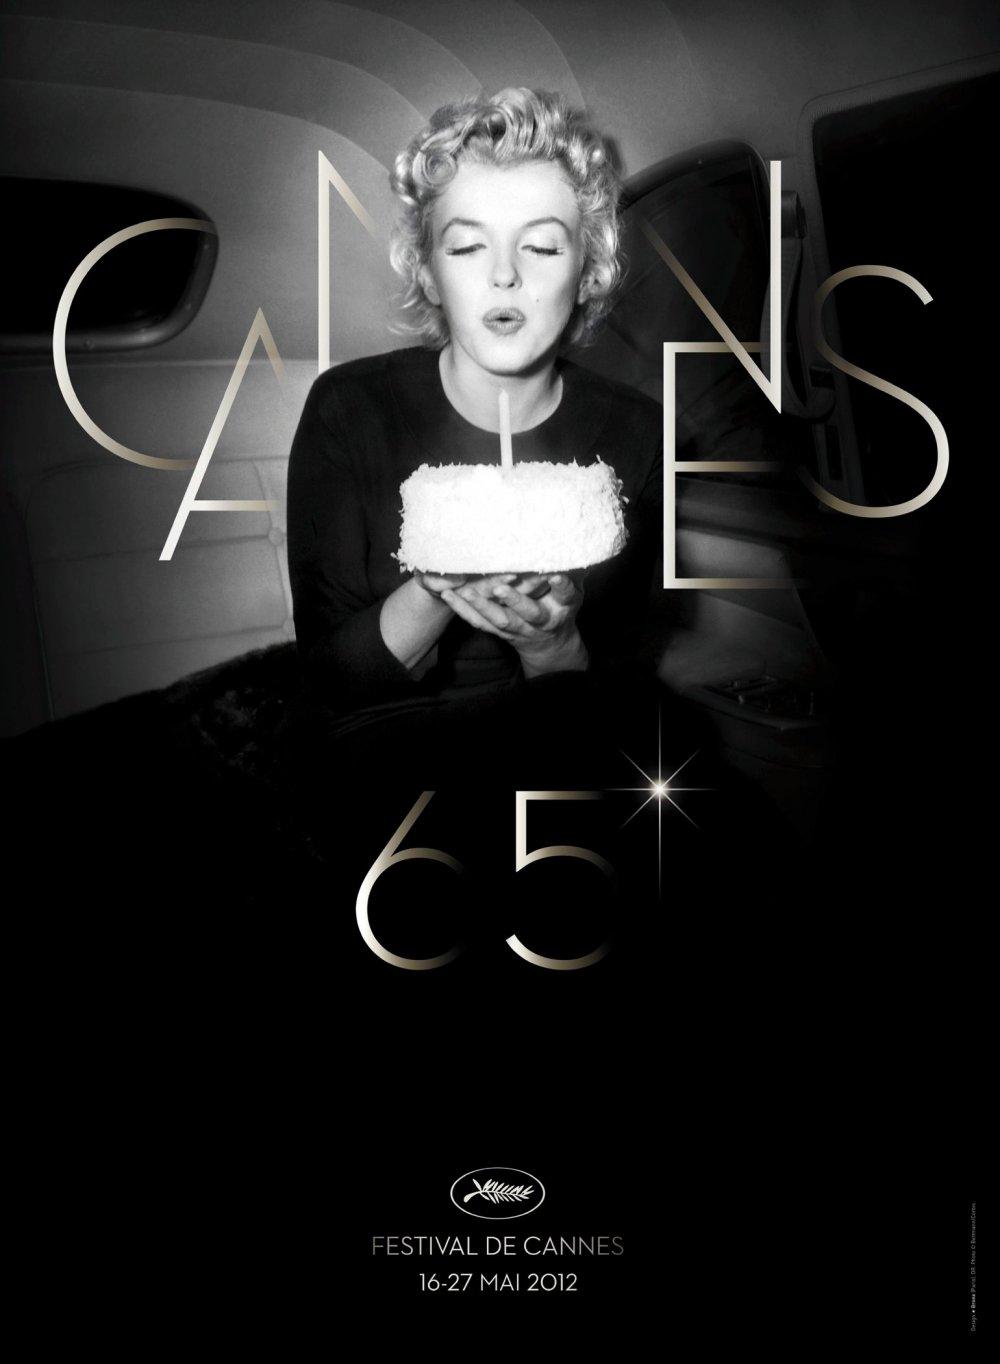 The Festival de Cannes's 2012 poster